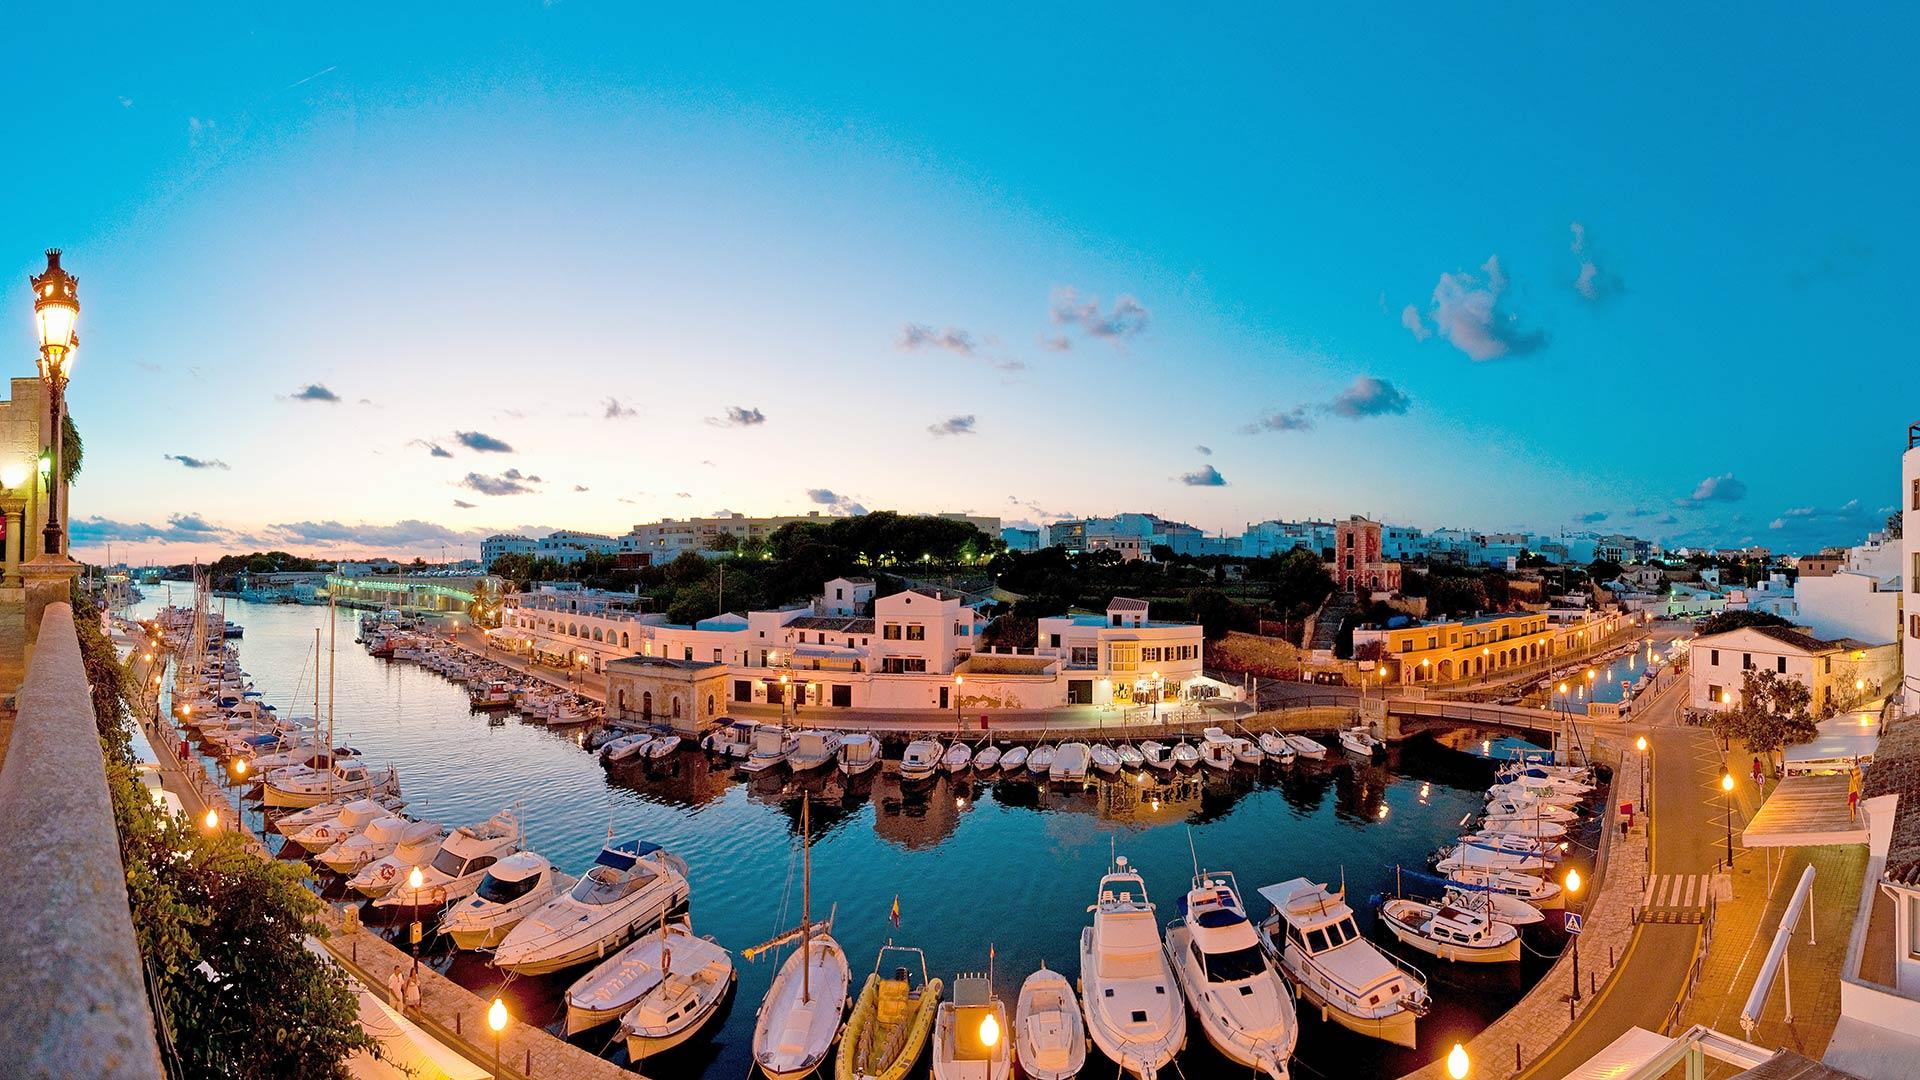 Imagen  Menorca, la isla de los puertos